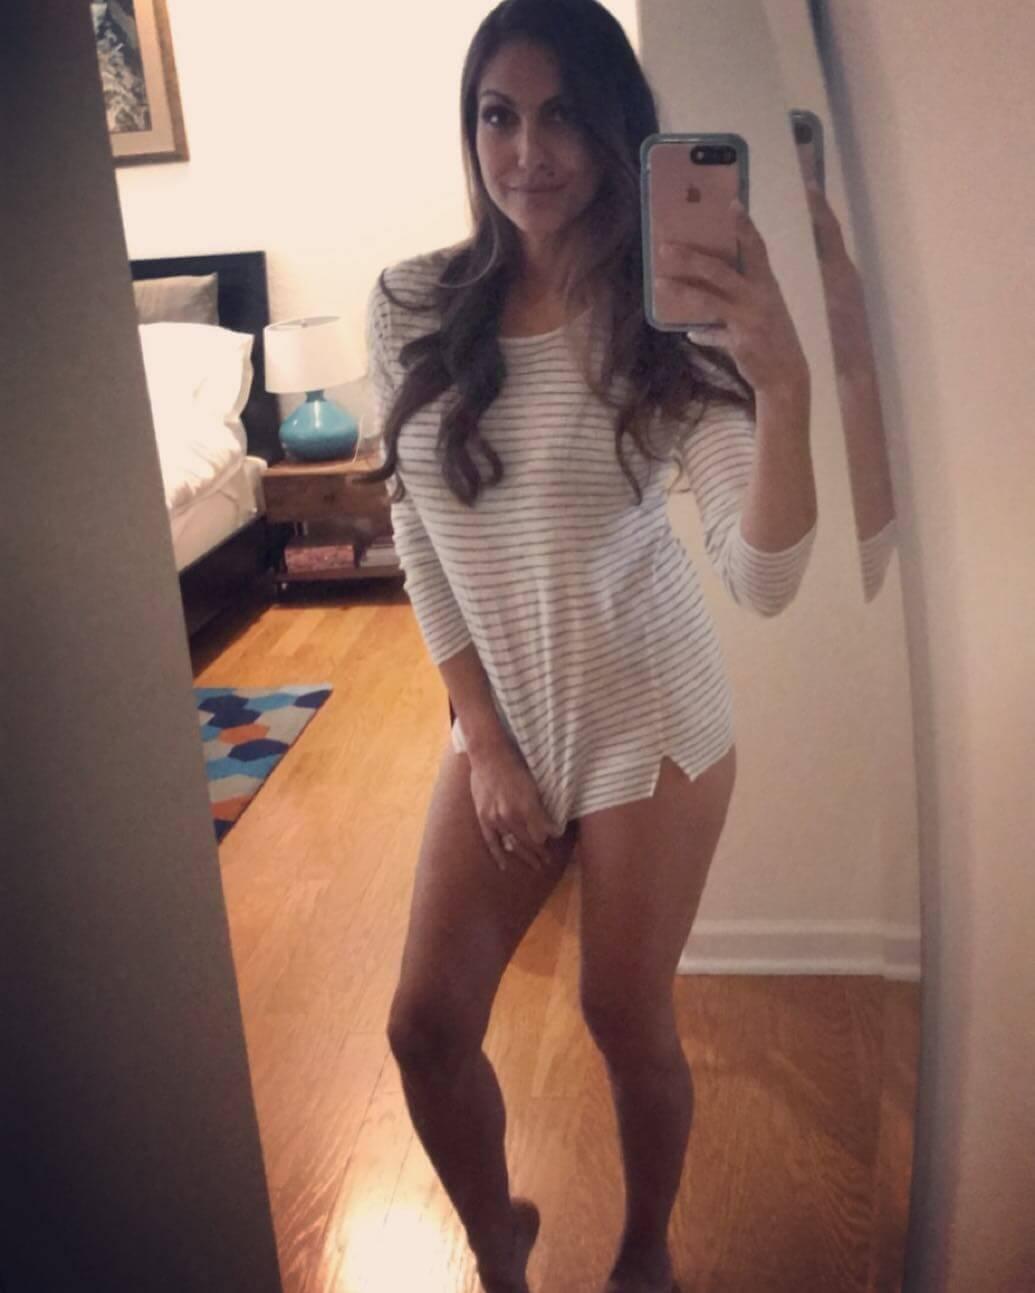 Jessica camacho nude